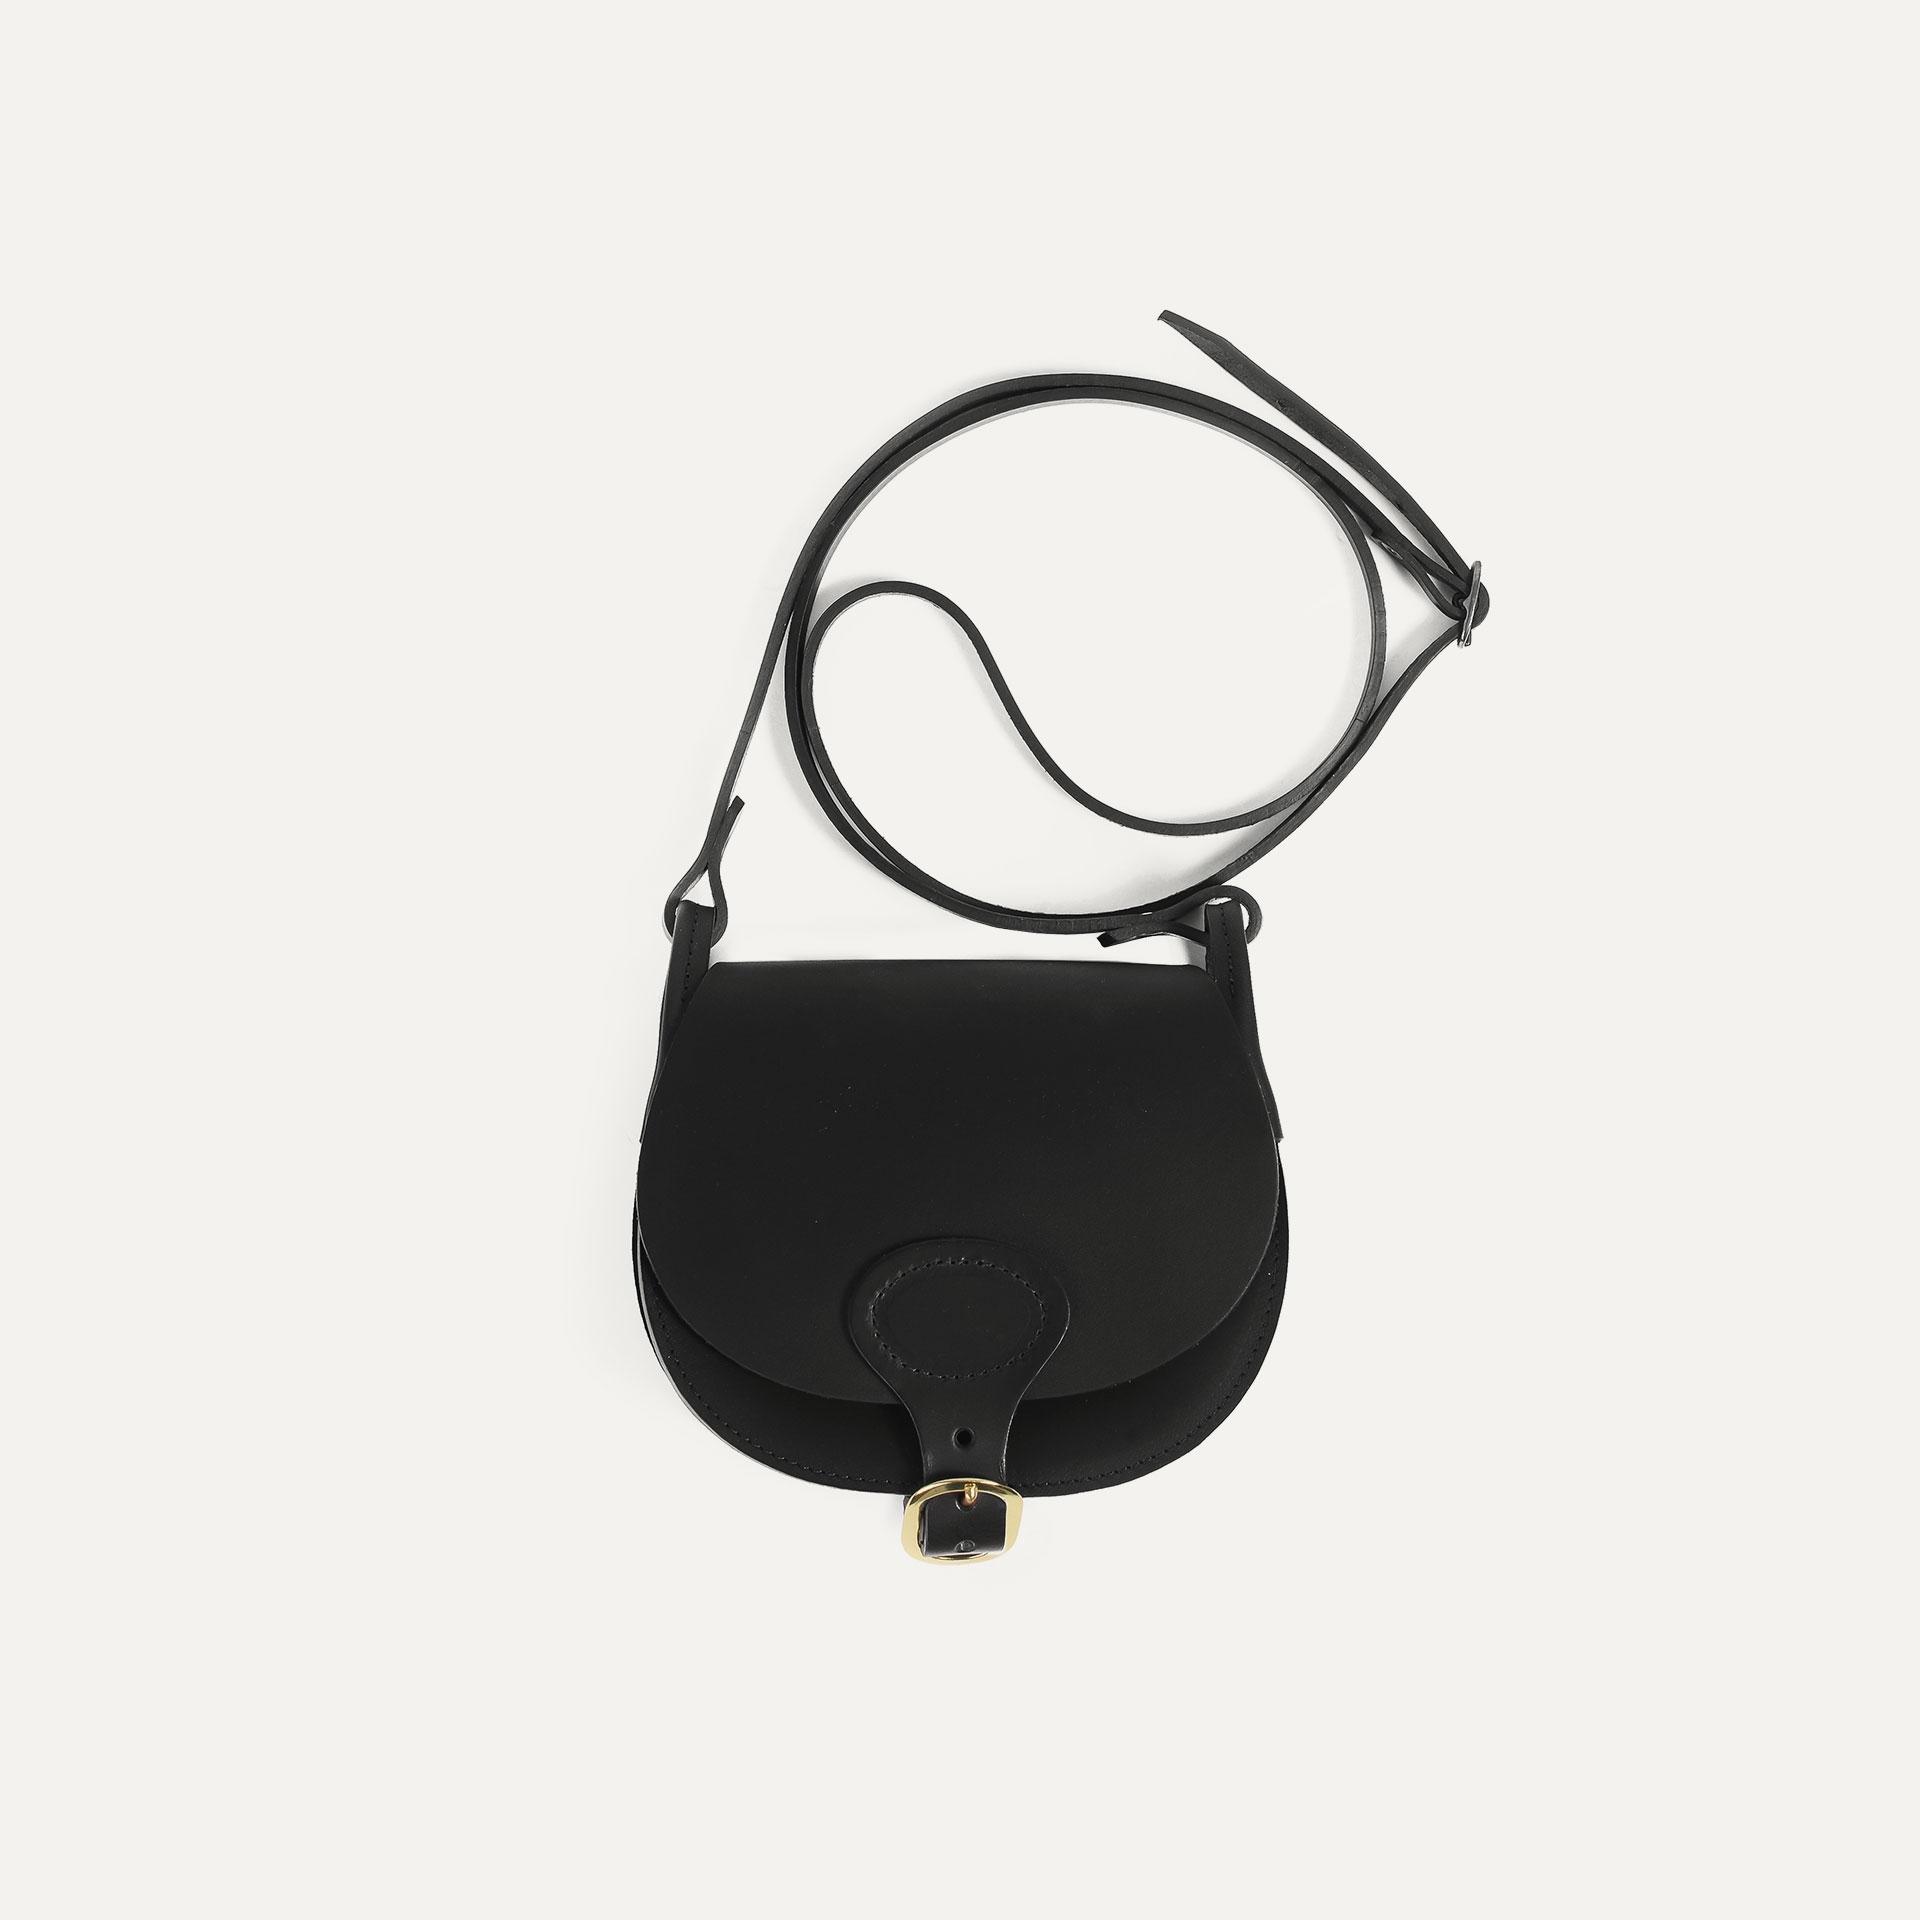 Diane S Gibecière bag - Black (image n°3)